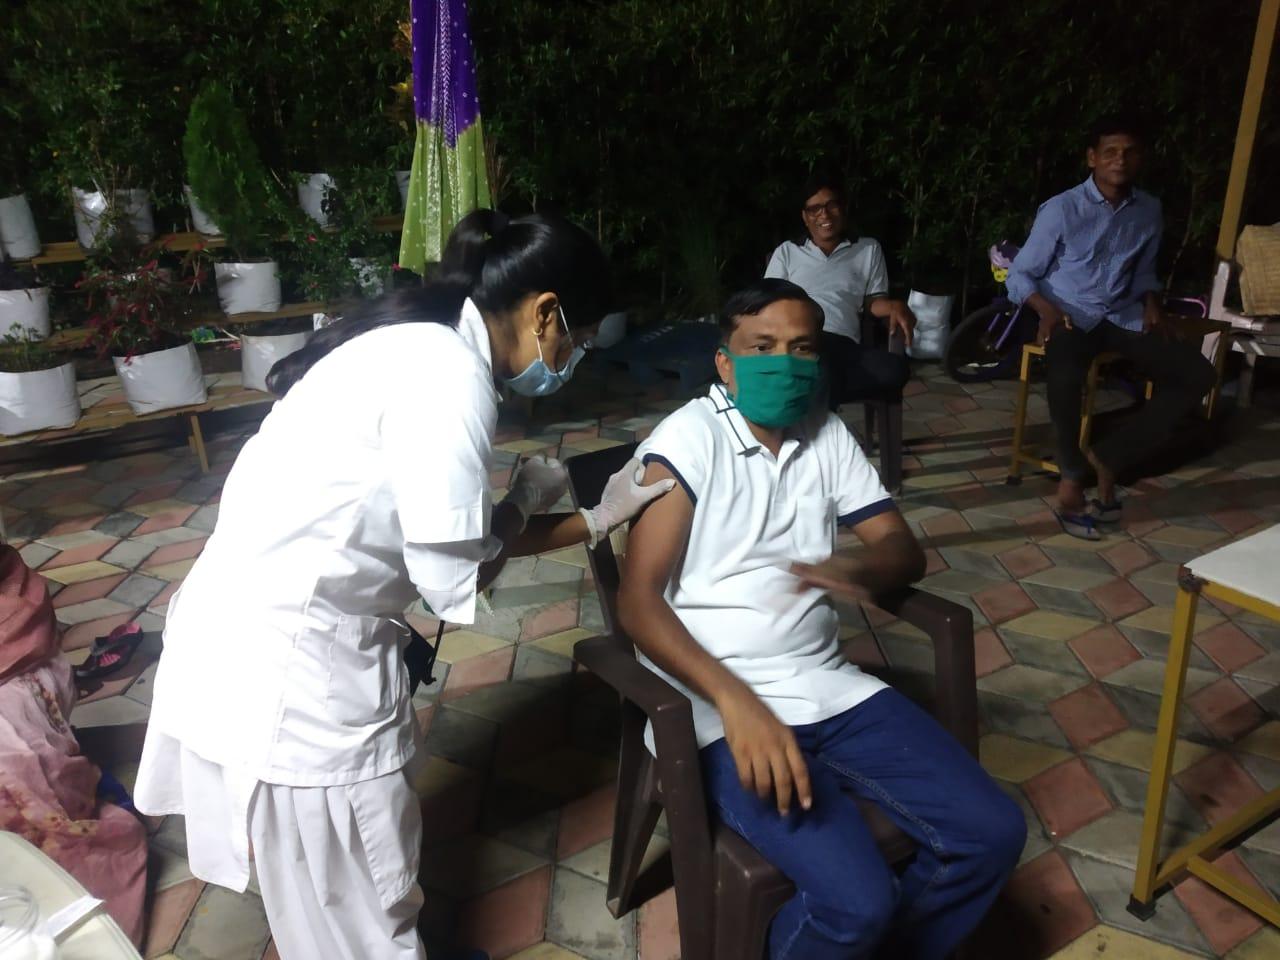 વલસાડમાં જિલ્લા એકપણ વ્યક્તિ રસિકરણથી વંચિત ન રહે તે માટે નાઈટ વેક્સિનેશન, પ્રથમ રાત્રે 235થી વધુ લોકોએ રસી મુકાવી વલસાડ,Valsad - Divya Bhaskar